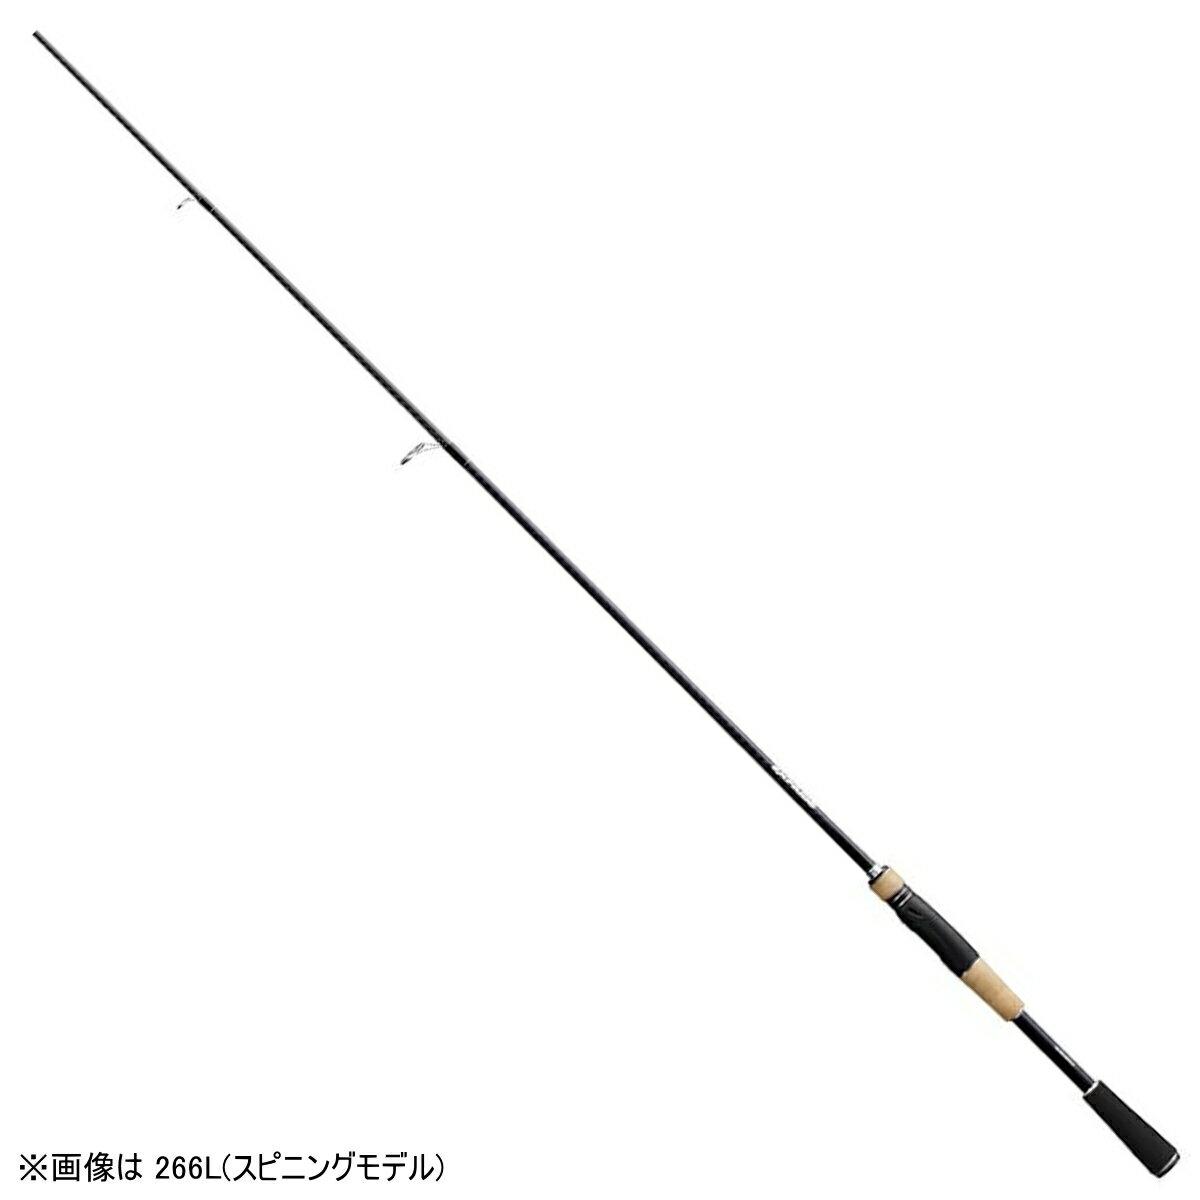 【5】シマノ '17エクスプライド 266L-2(2ピース)